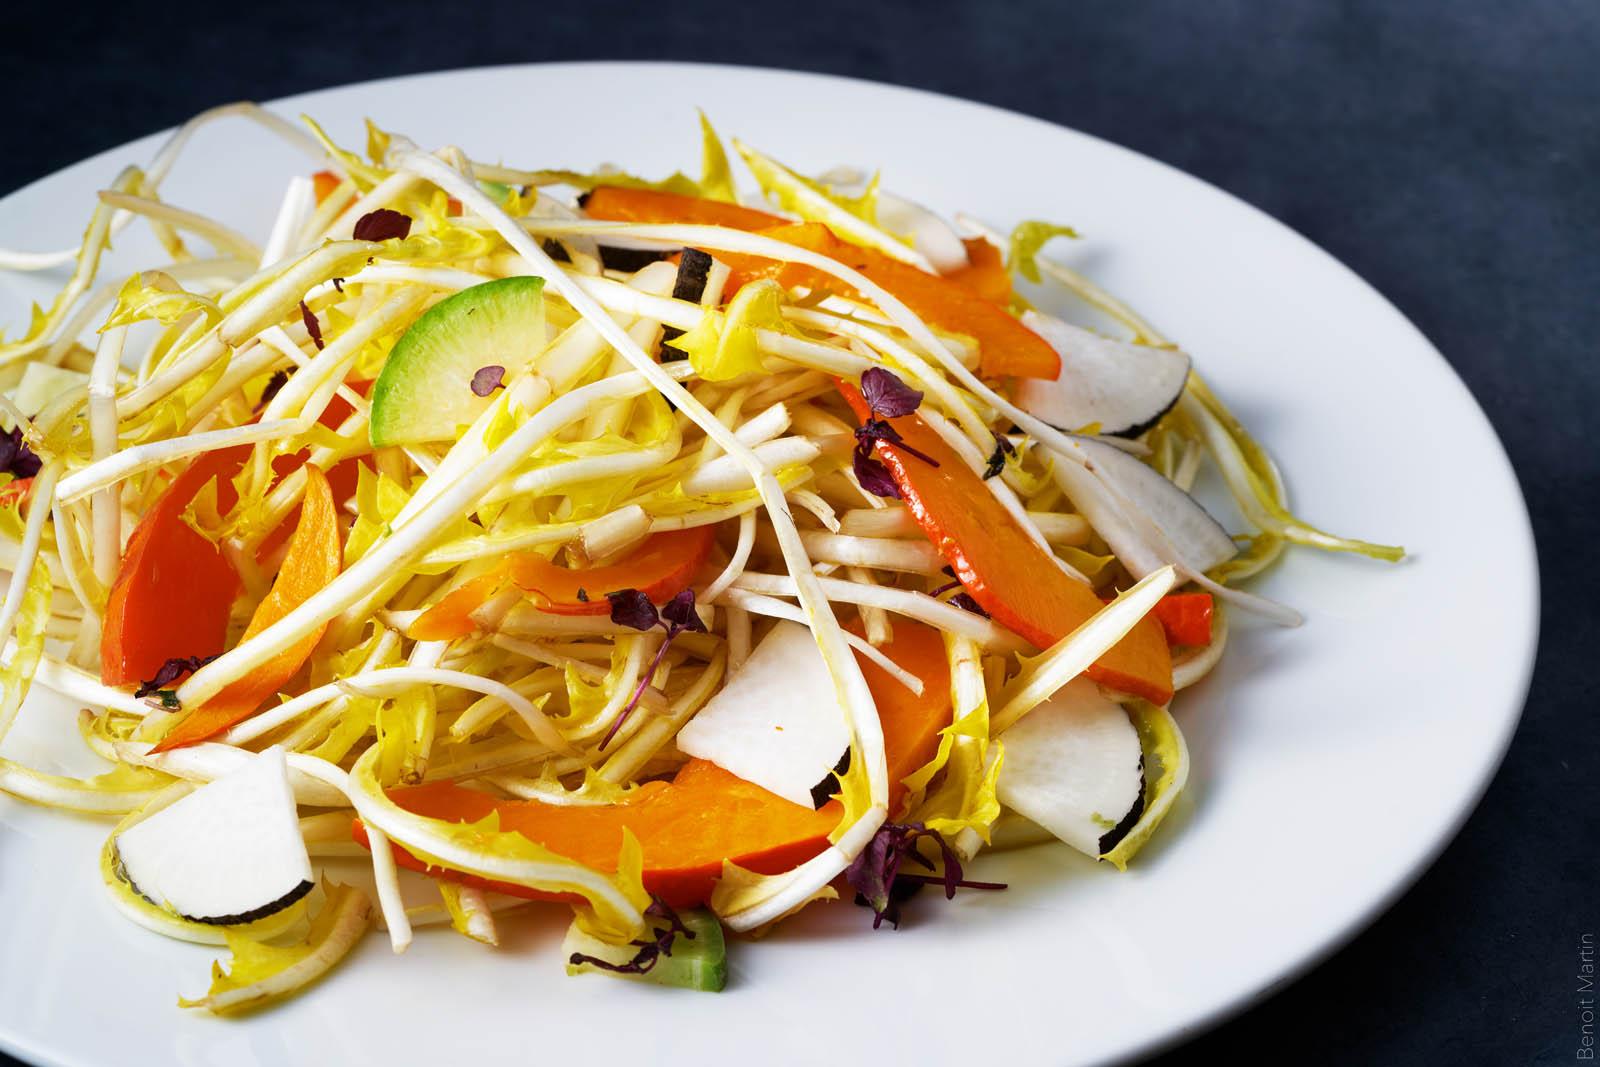 Salade pissenlits, potimarron et radis noirs